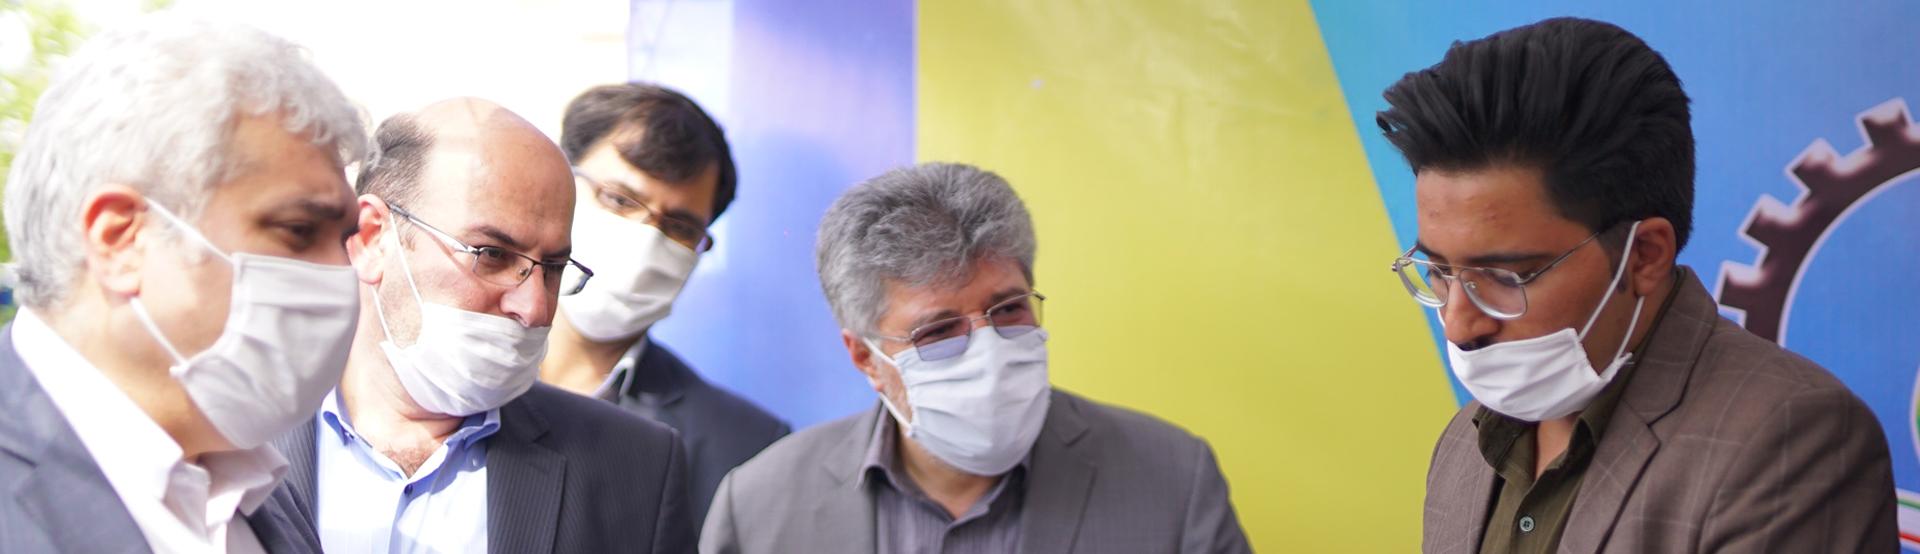 بازدید دکتر ستاری معاون علمی و فناوری رئیس جمهور از نمایشگاه محصولات شرکت های مستقر در پارک علم و فناوری خراسان جنوبی